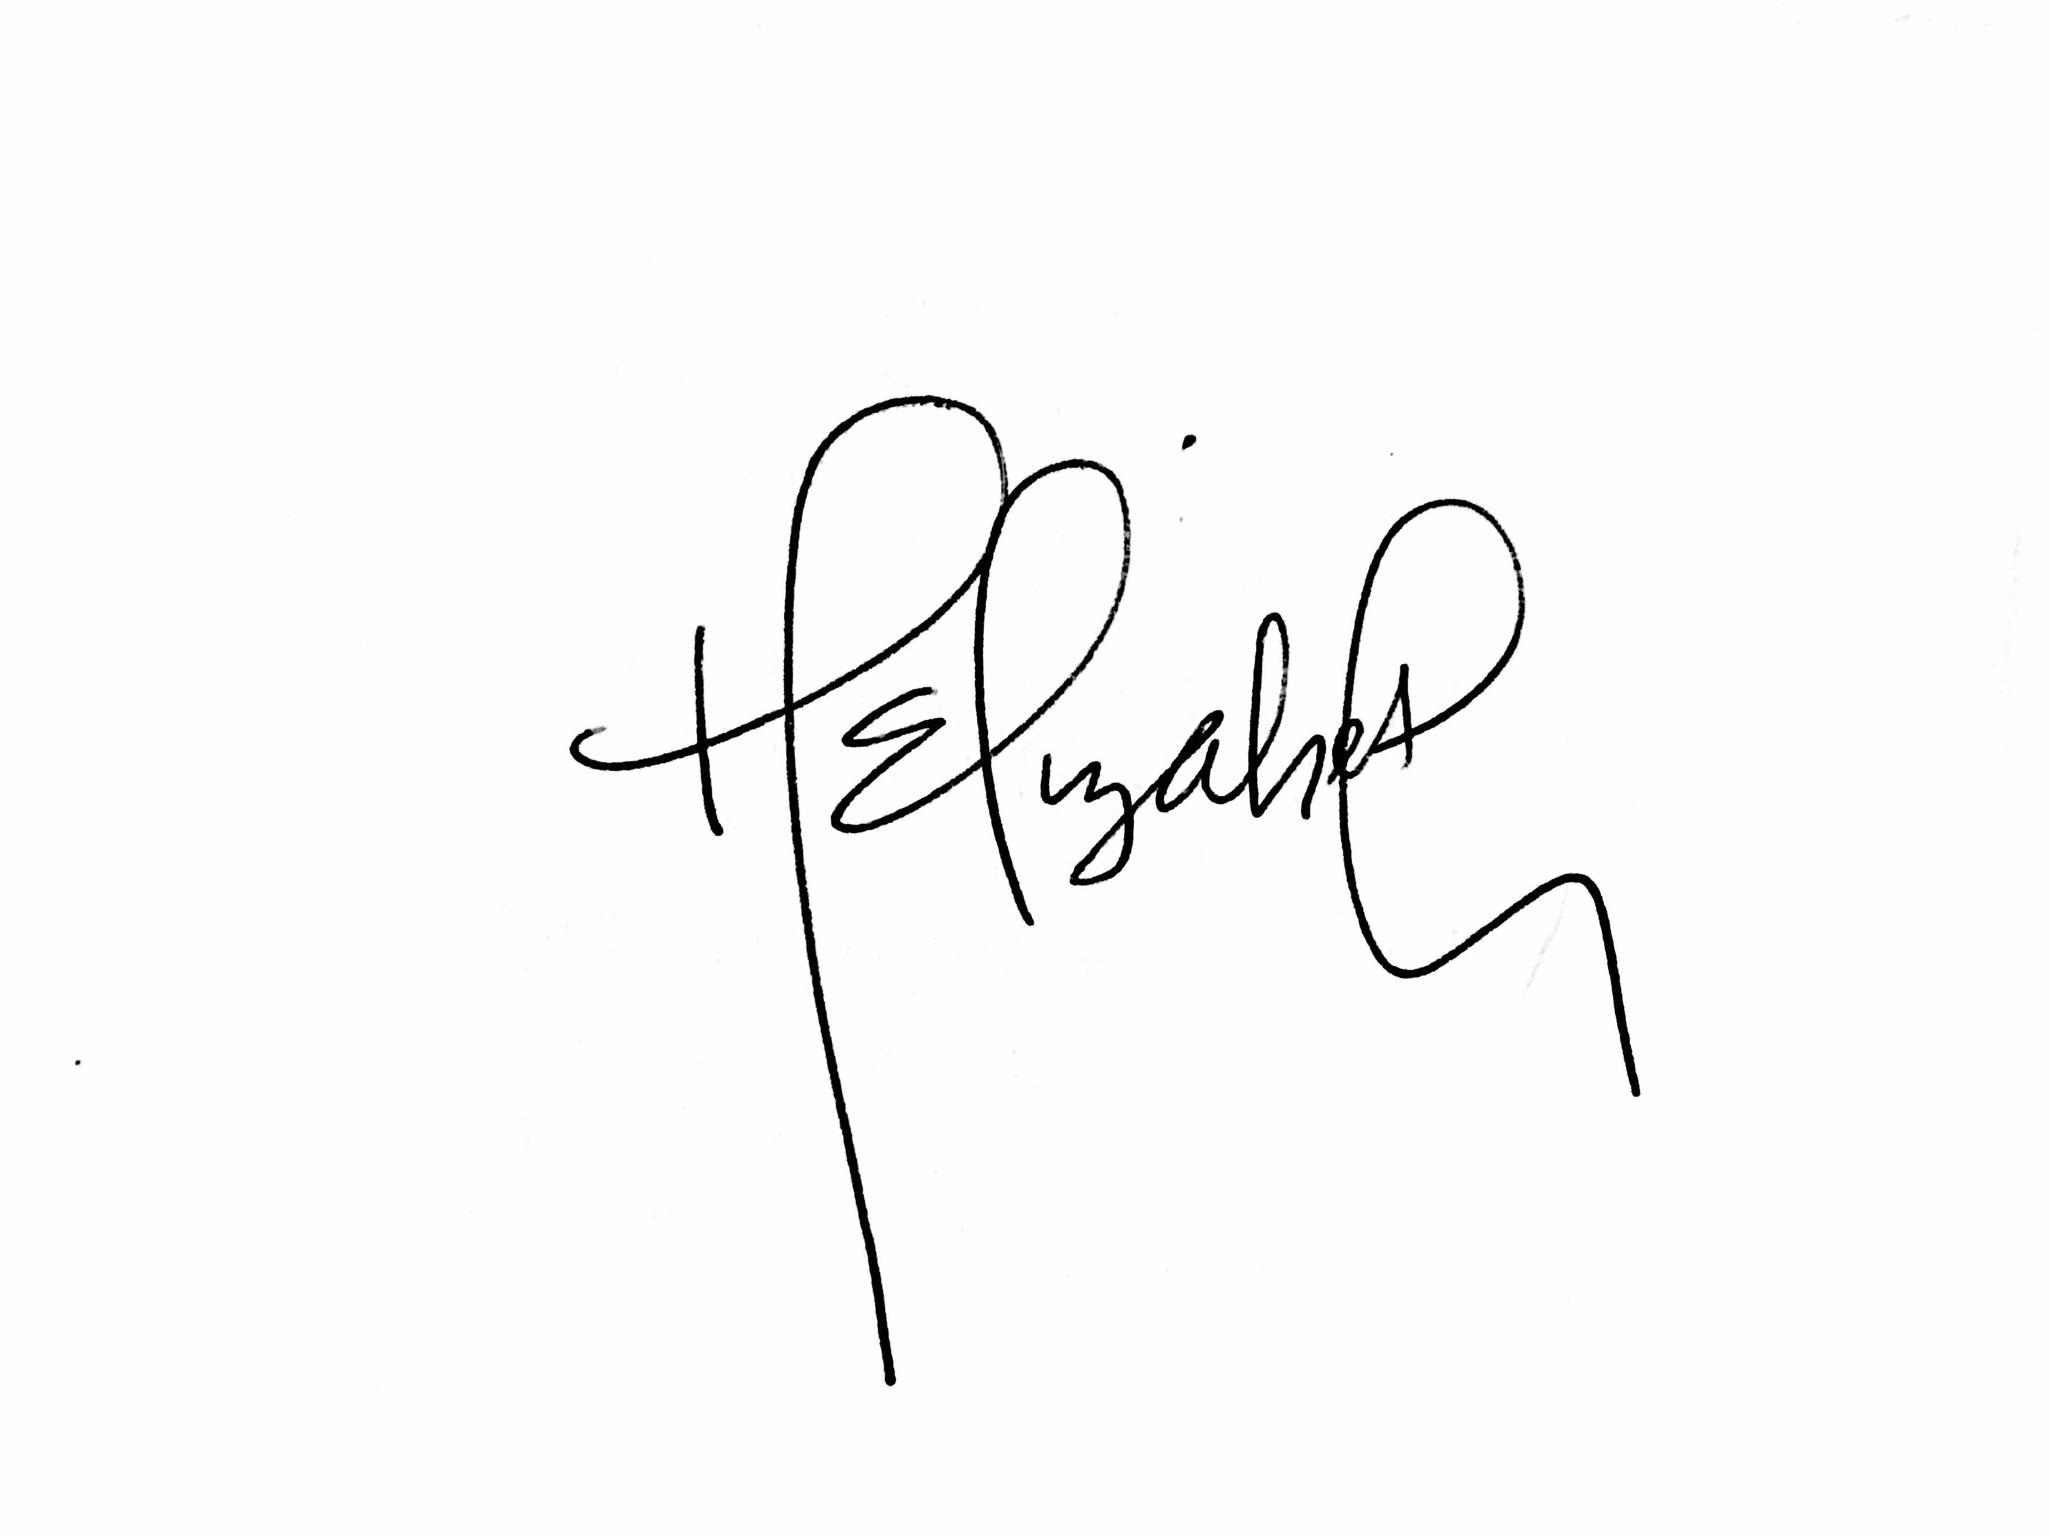 Hannah Seaman Signature